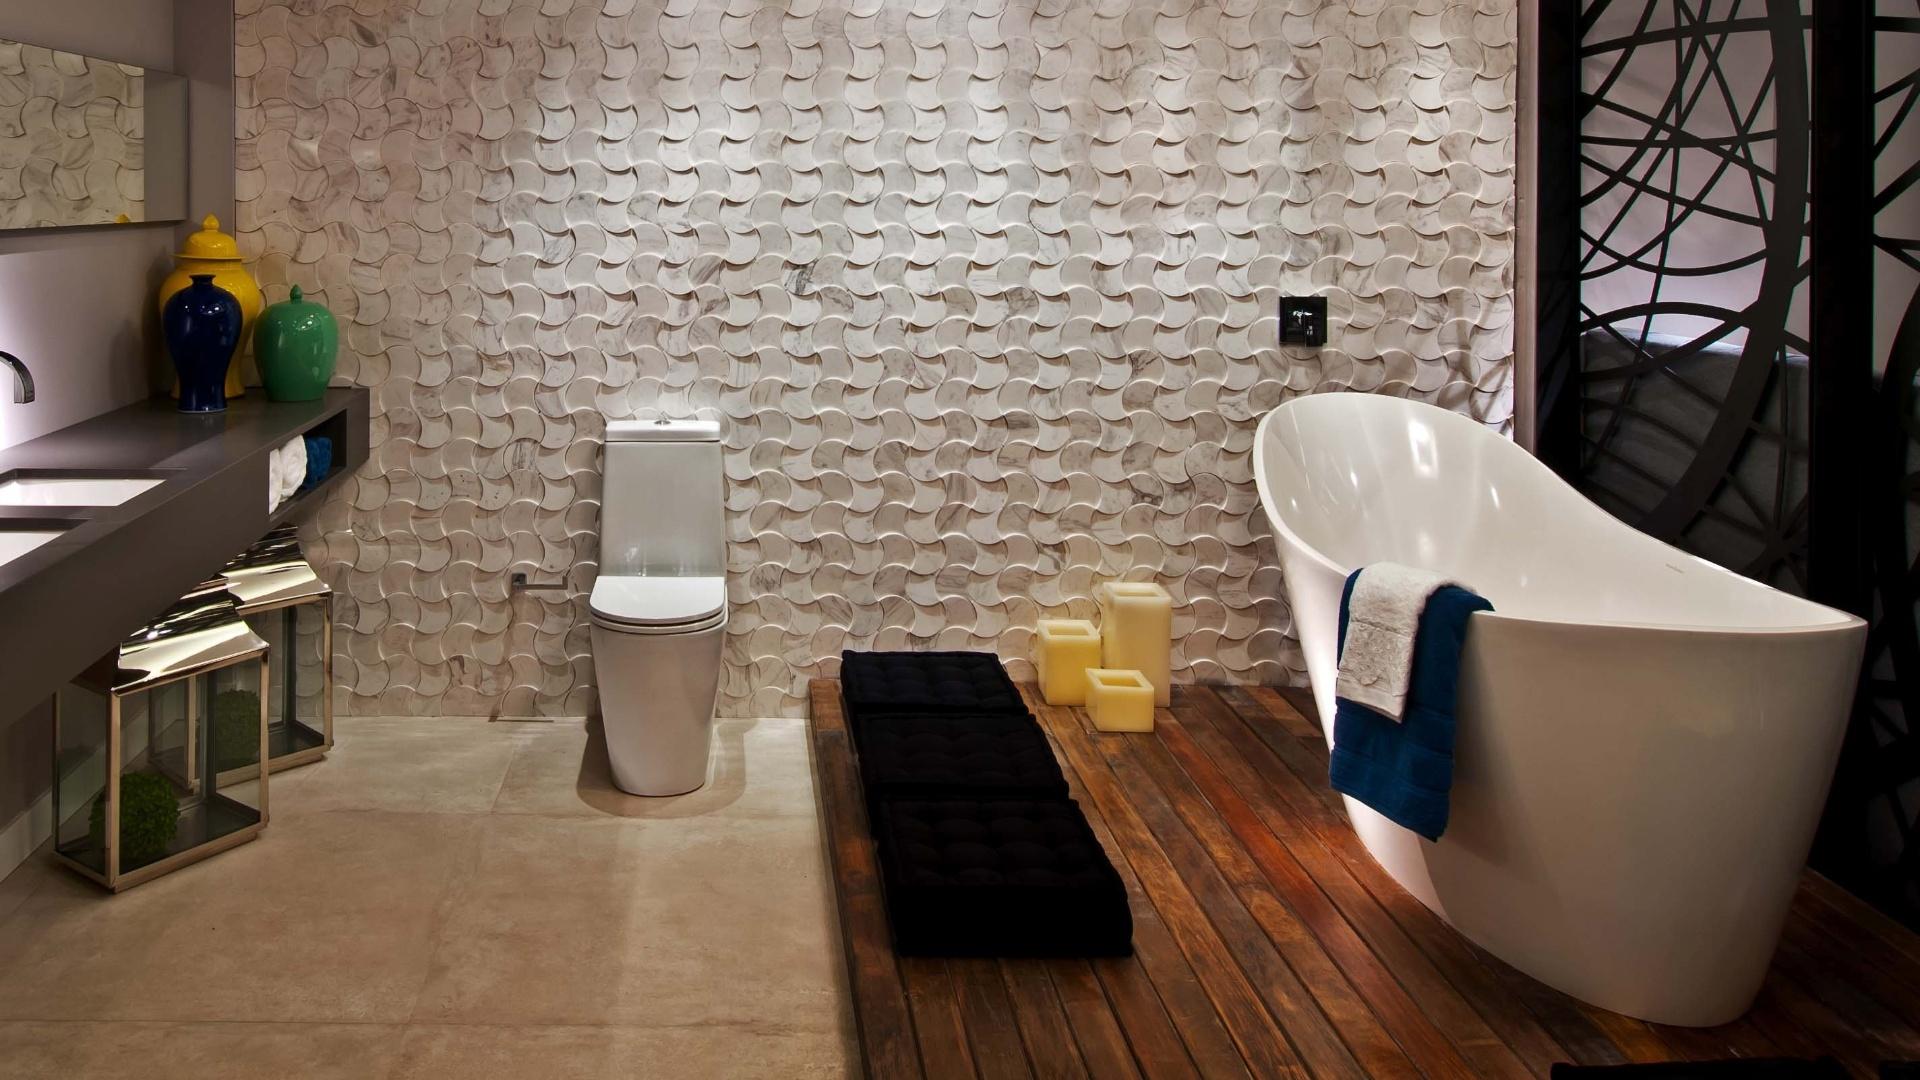 Banheiro Interiors by Amália Eloi #A27729 1920 1080